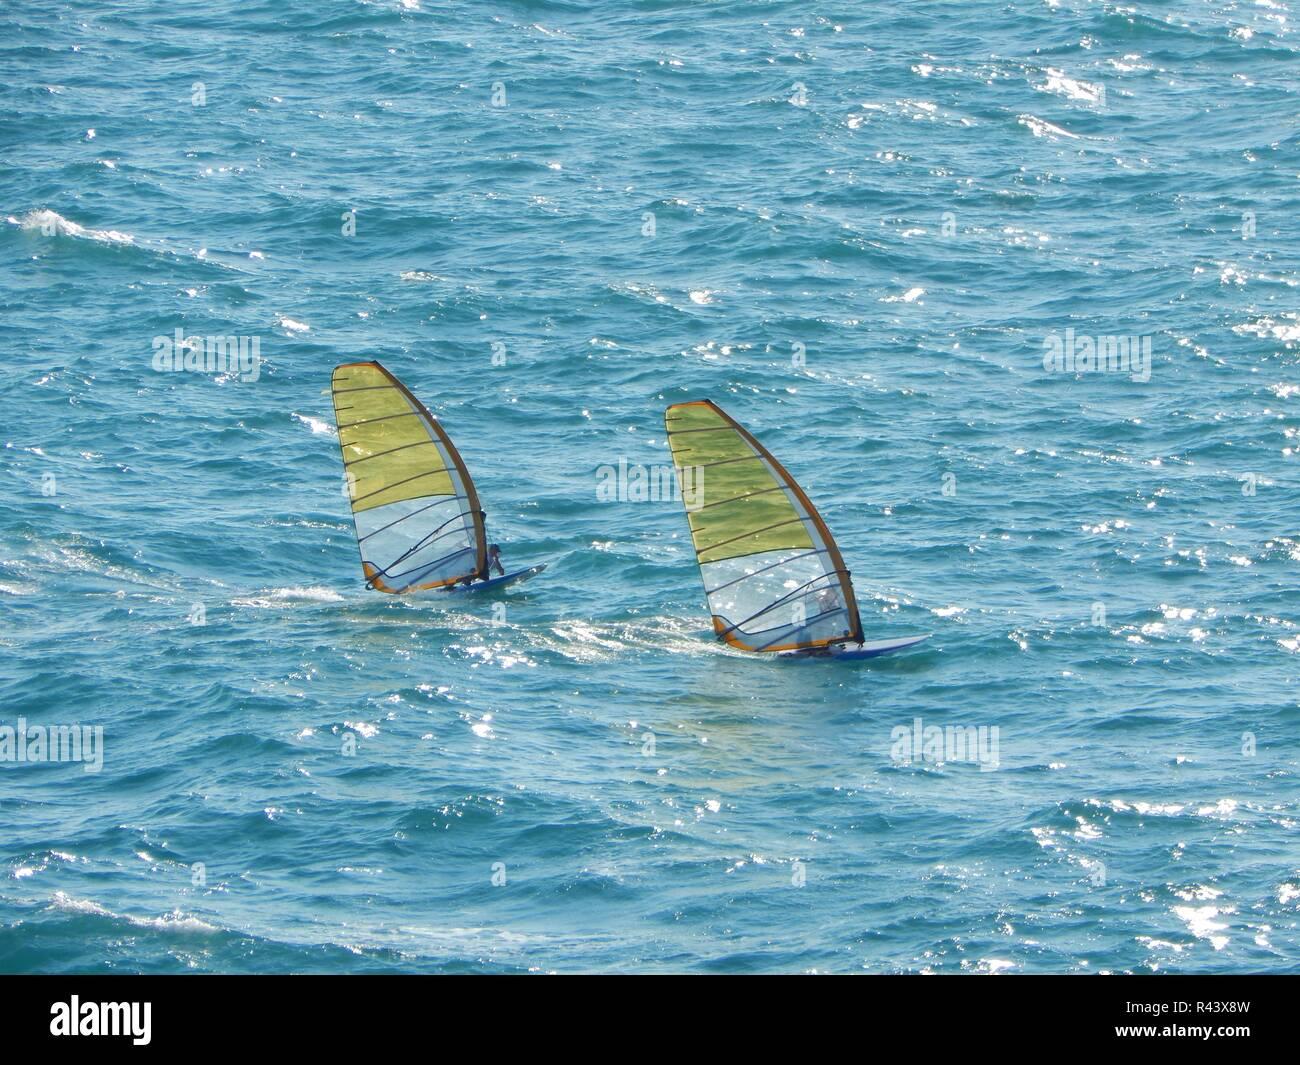 Dos windsurf ir bajo el sol deslumbrante en mar gruesa en el mar en altas velocidades Foto de stock